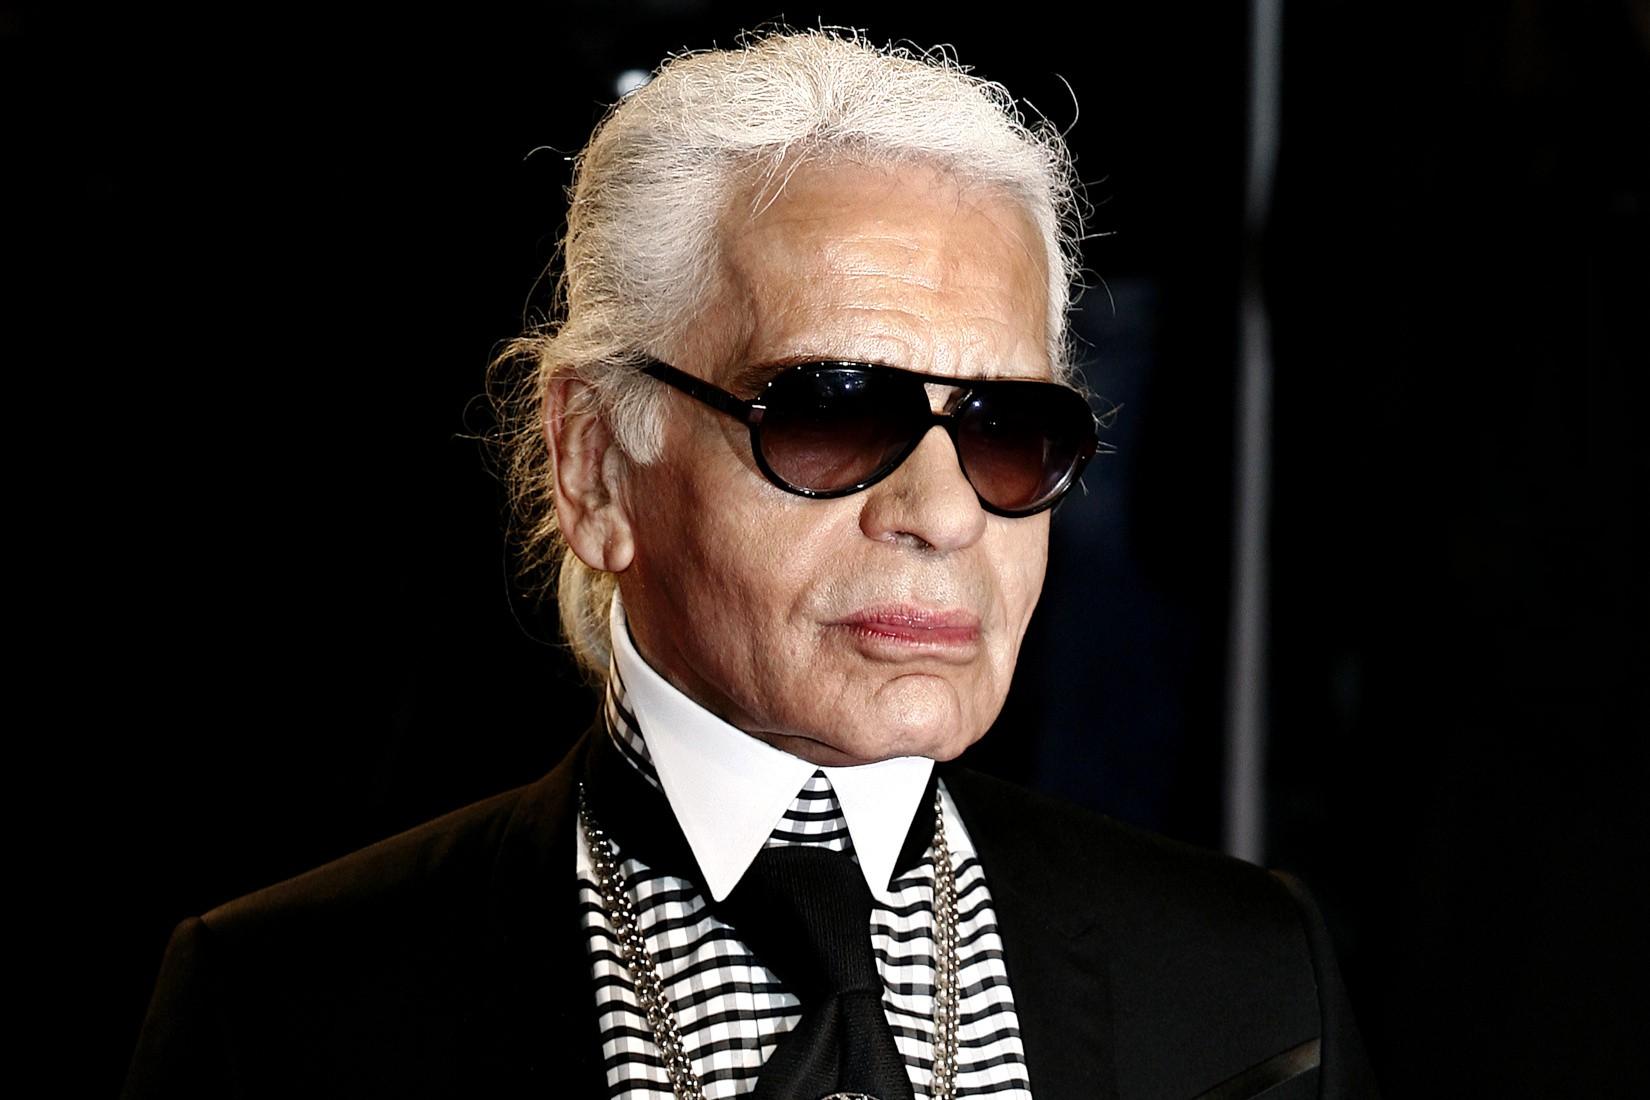 Le style Karl Lagerfeld à Paris : son héritage